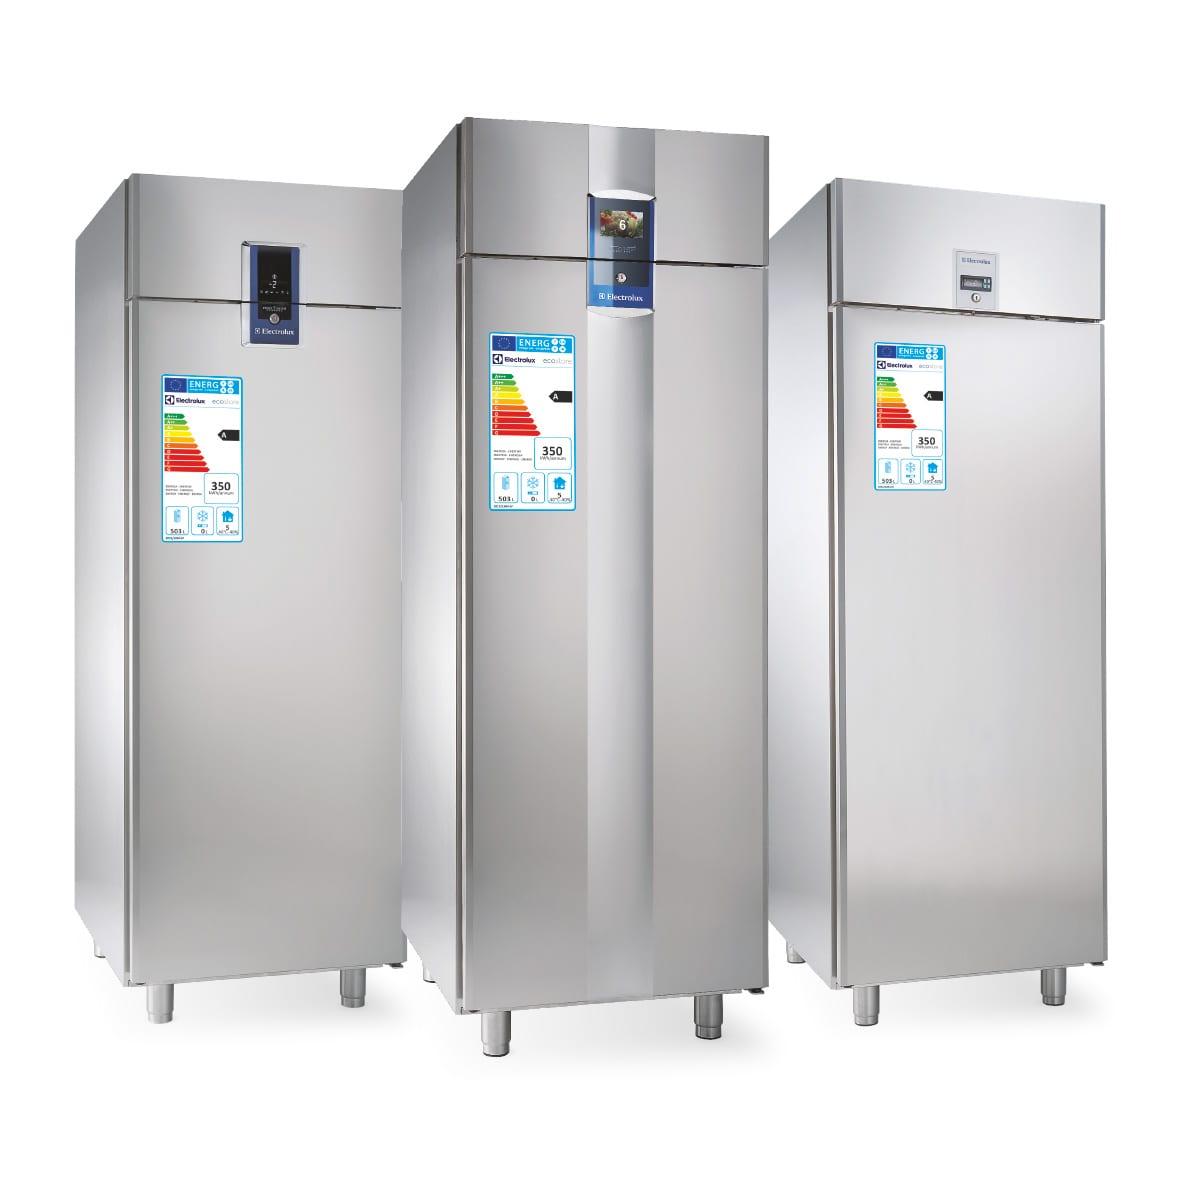 Ecostore HP kylskåp